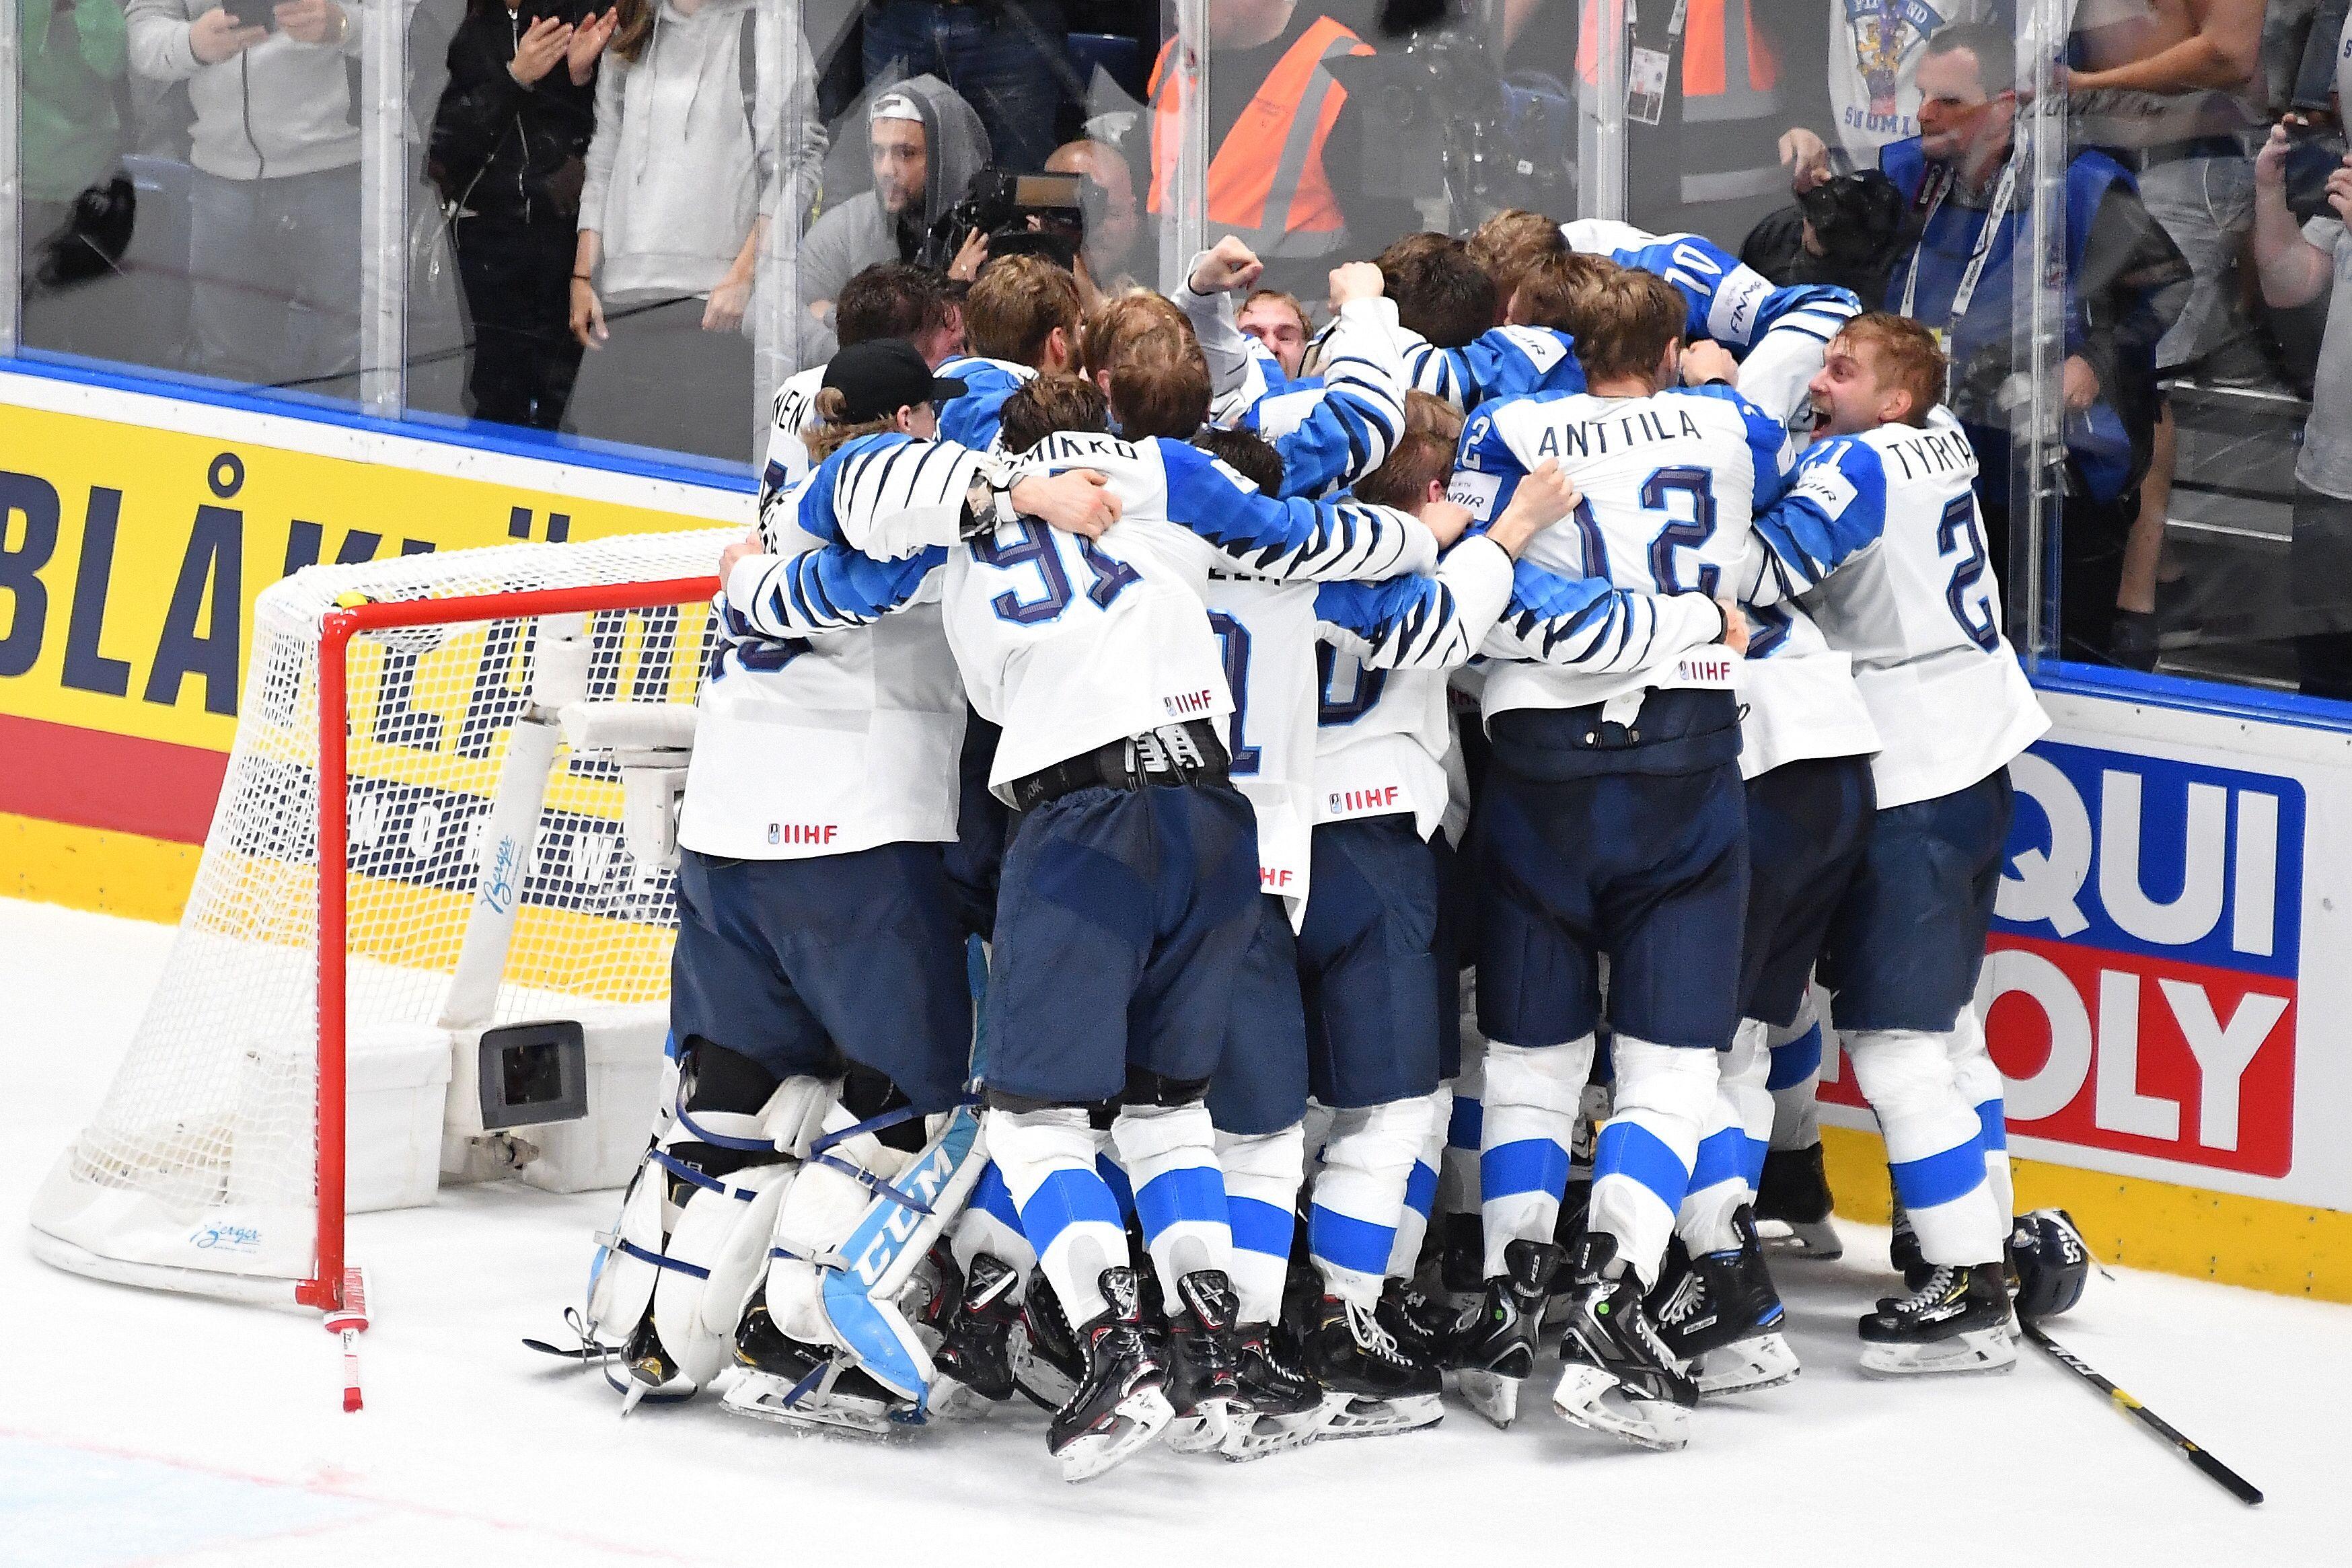 Jubel bei den Finnen - sie holten ihren dritten WM-Titel. Der letzte gelang im Jahr 2011.